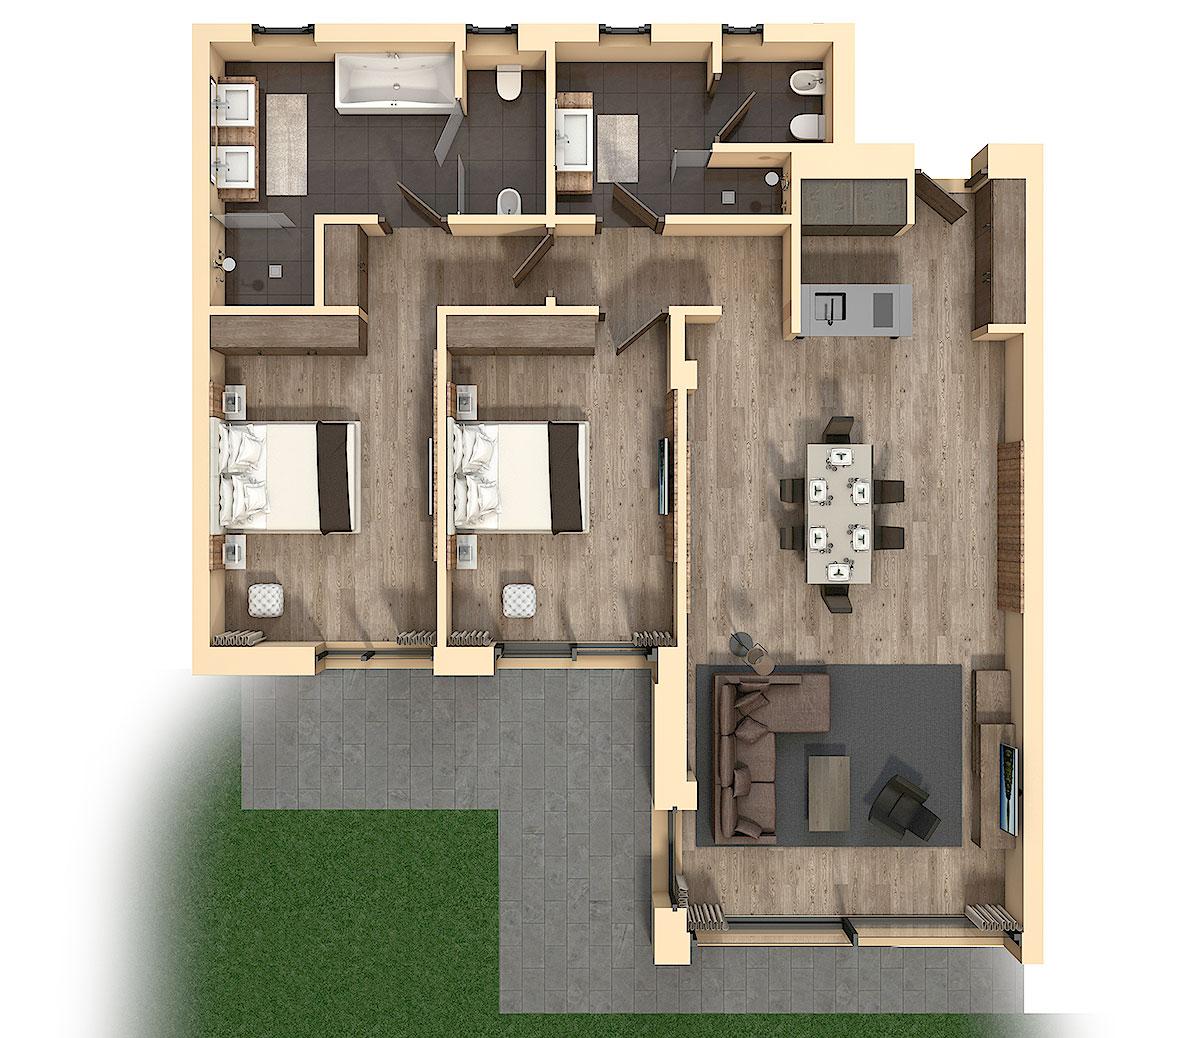 vacanze da sogno nelle dolomiti - splendidi appartamenti e massimo ... - Soggiorno Living Con Cucina A Vista 2